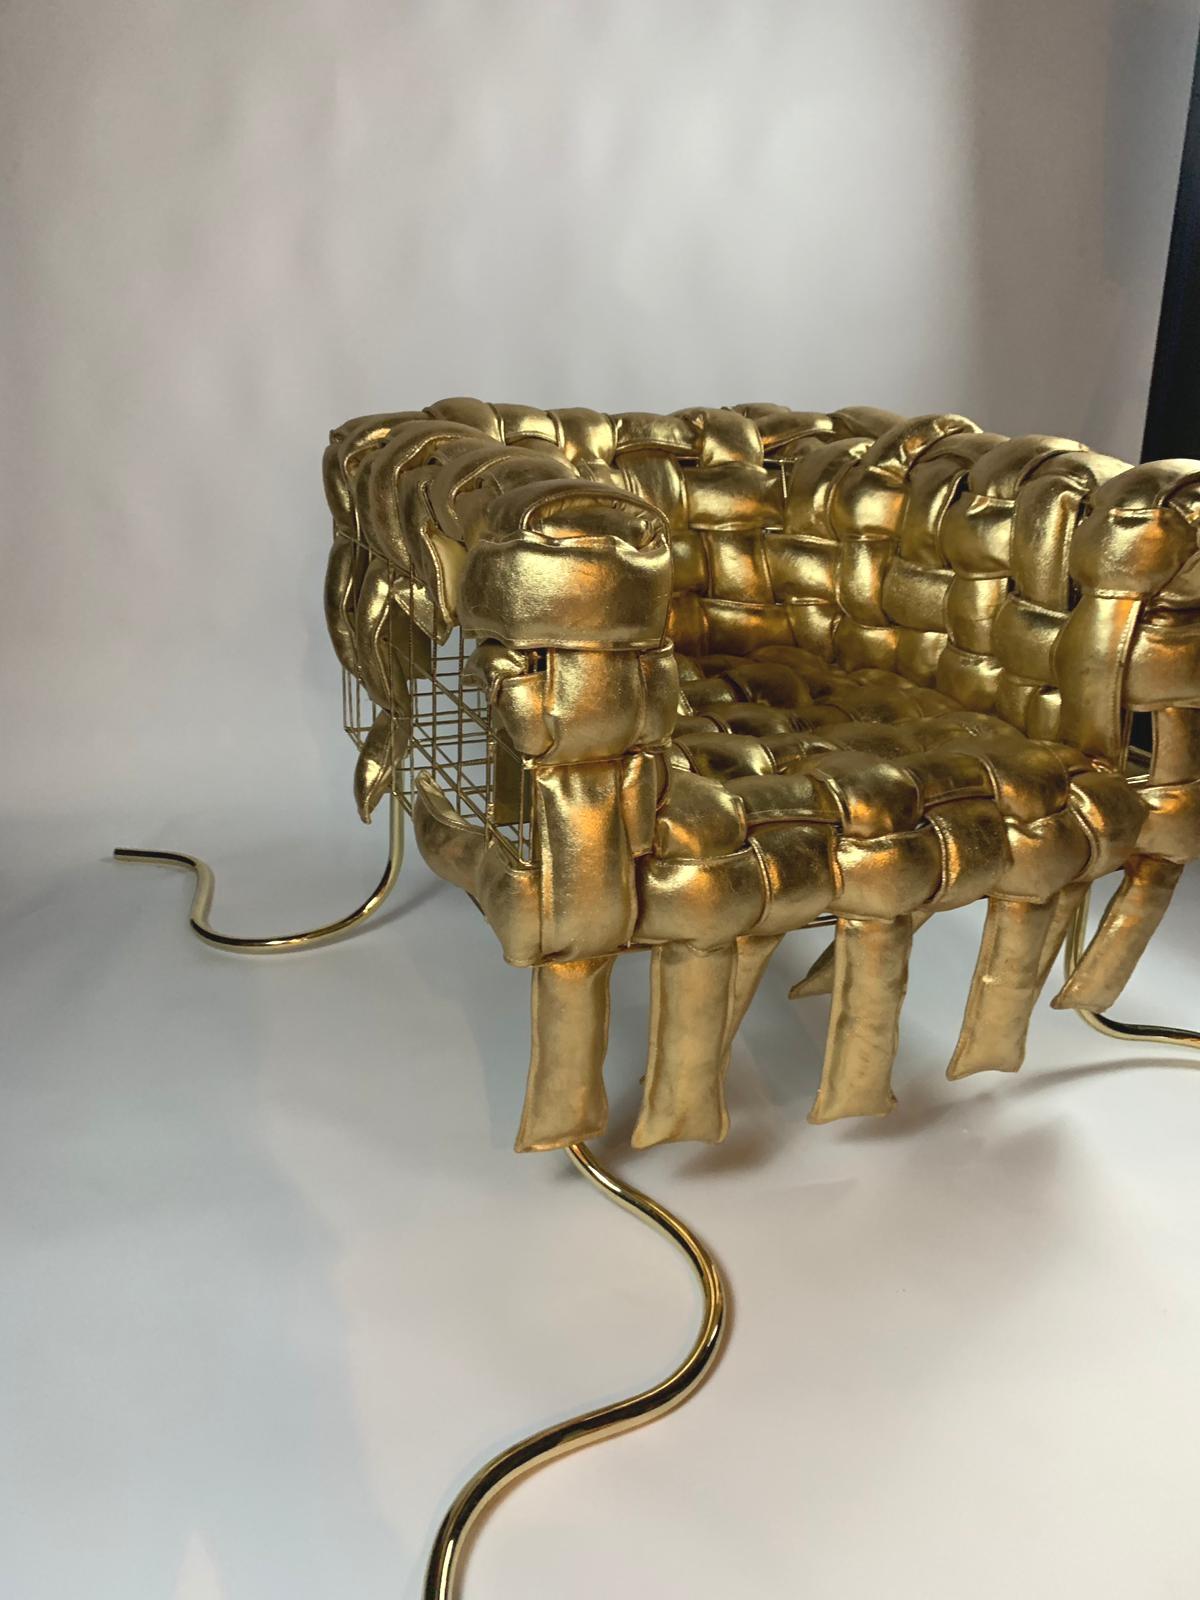 Underconstrucion / Pedro Franco, limited edition golden armchair